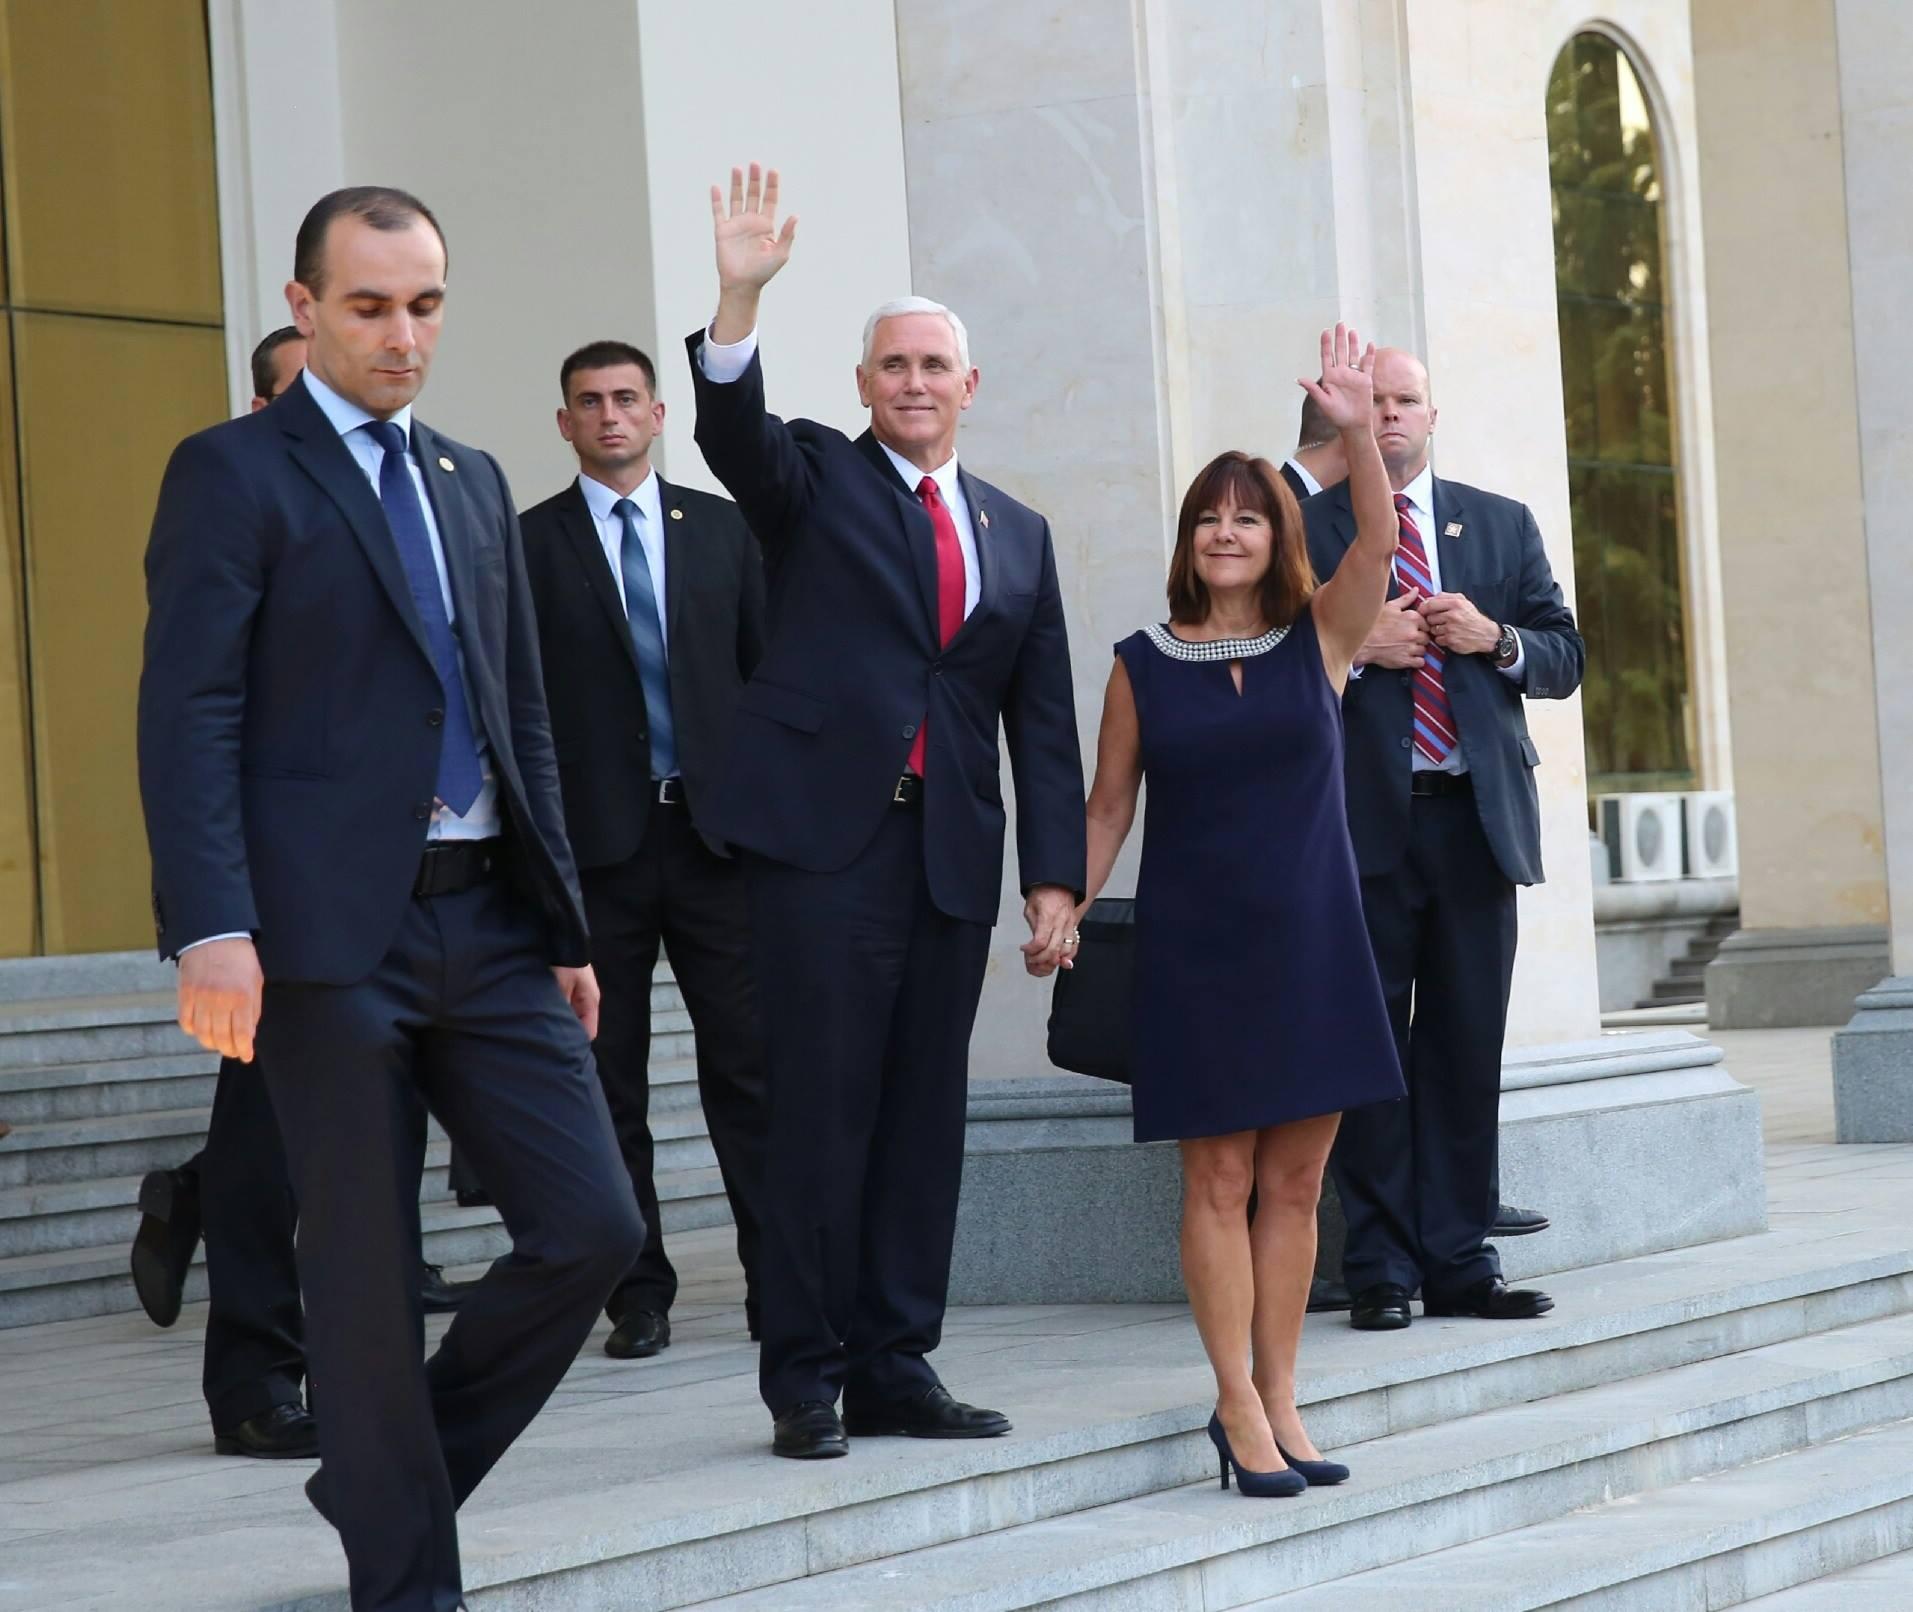 20424123 494665454211817 6297365957168201055 o #новости featured, визит, вице-президент США, Грузия, Майк Пенс